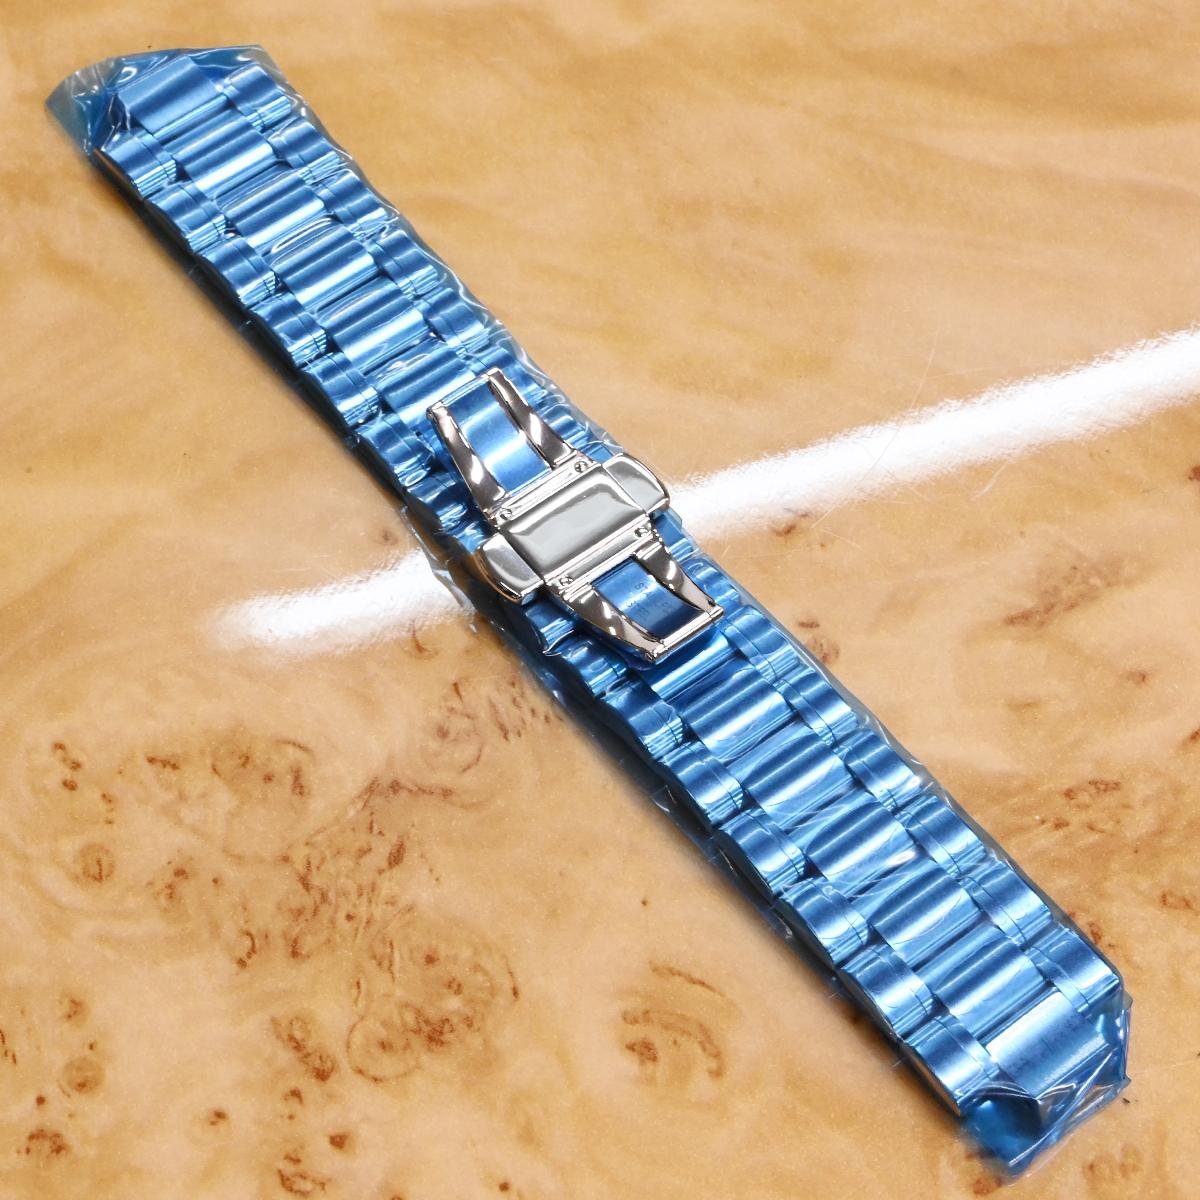 本物 新品 ショーメ 極希少 クラスワン ダイバー 純正ステンレスブレスレット SSブレス 腕時計 ウォッチベルト メタルブレス CHAUMET_画像2